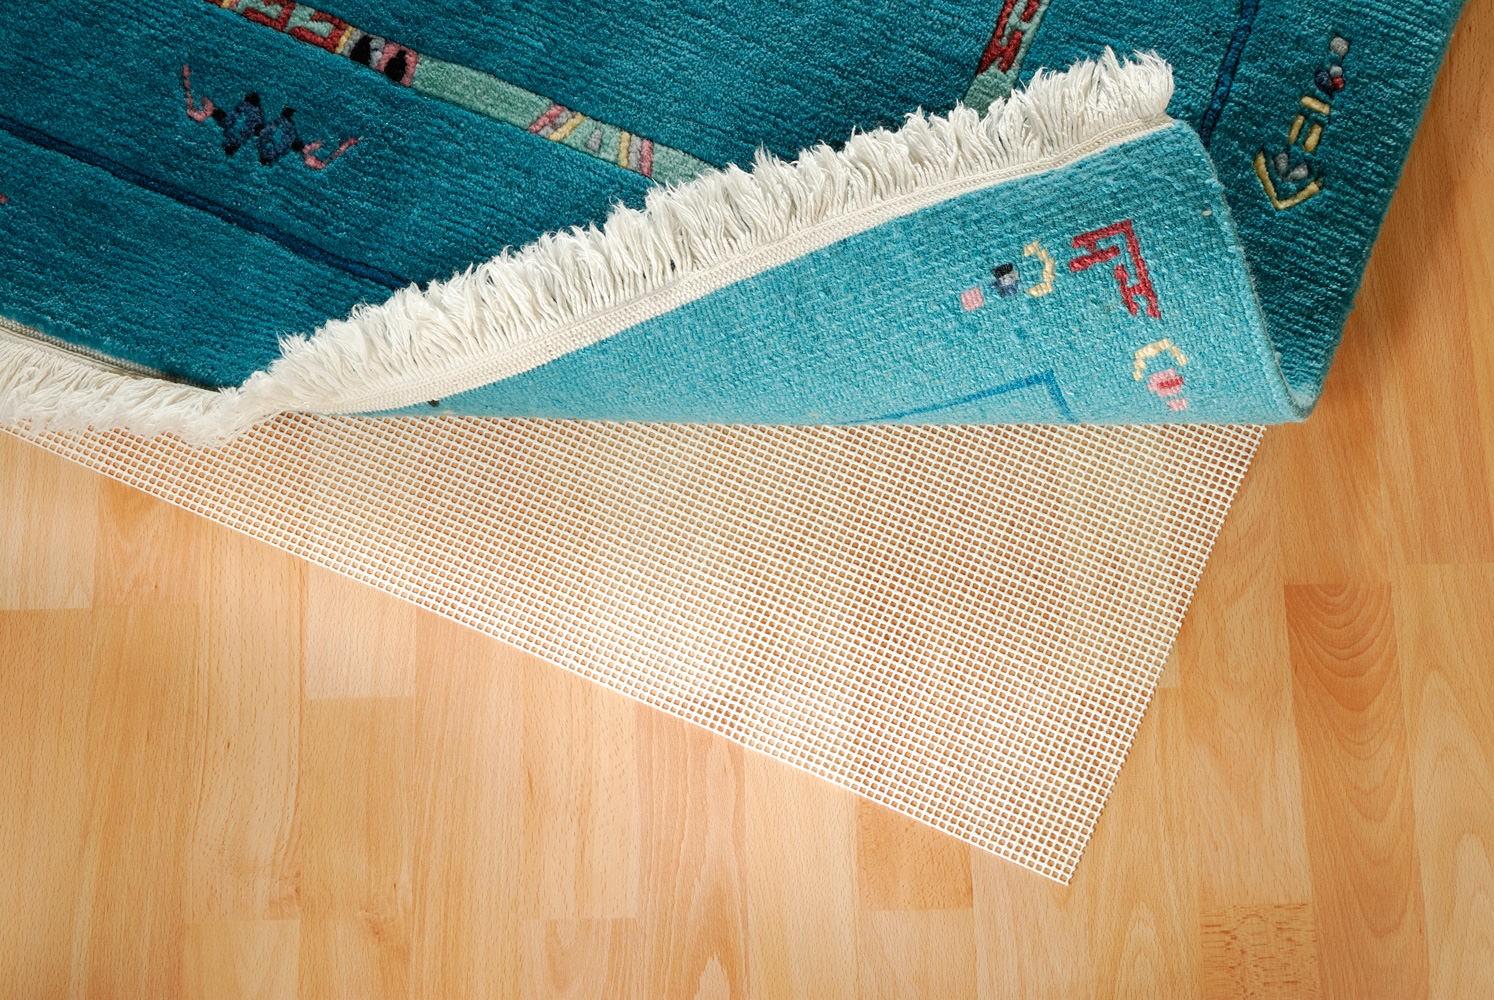 Teppichunterlage Gitter Star breite 80 cm (für glatte Böden)